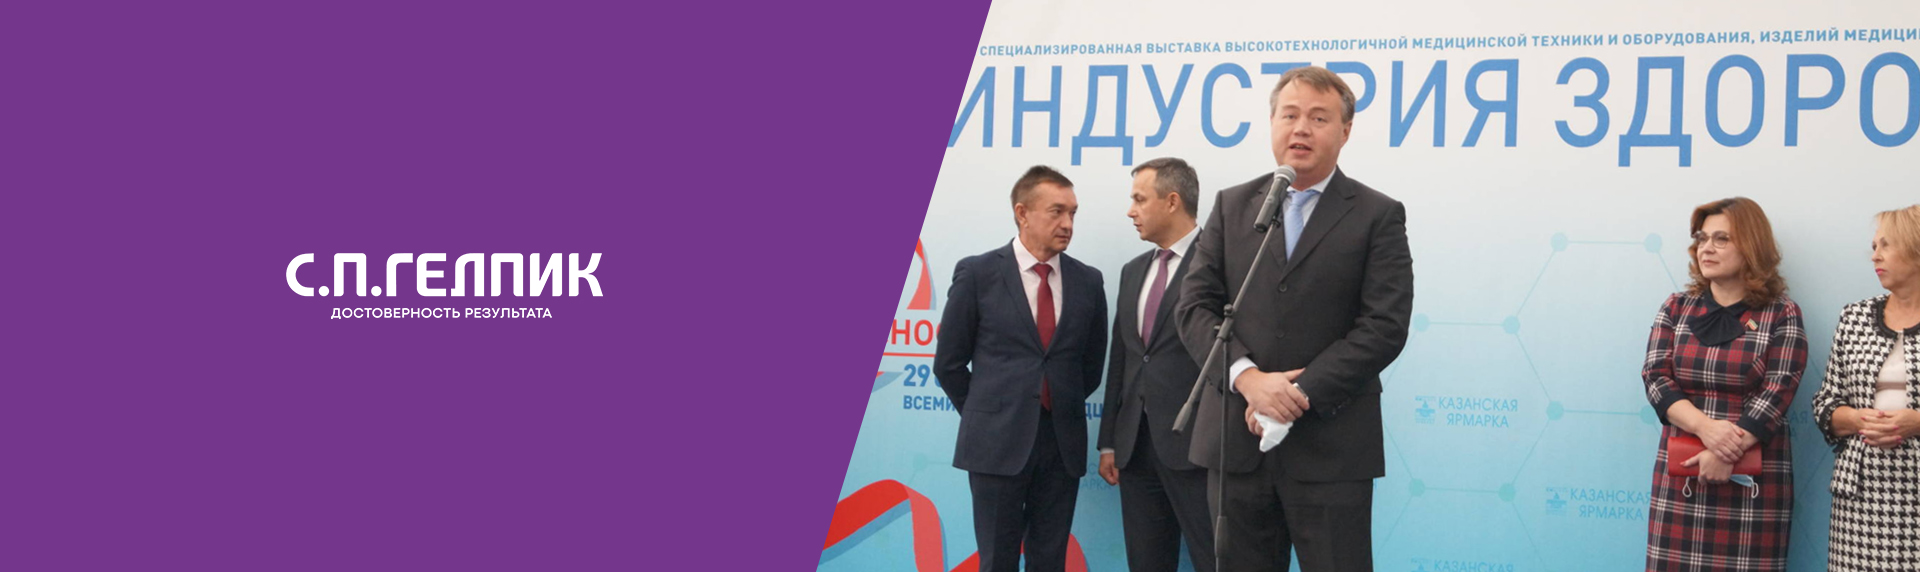 25-ая Международная специализированная выставка «Индустрия здоровья. Казань»